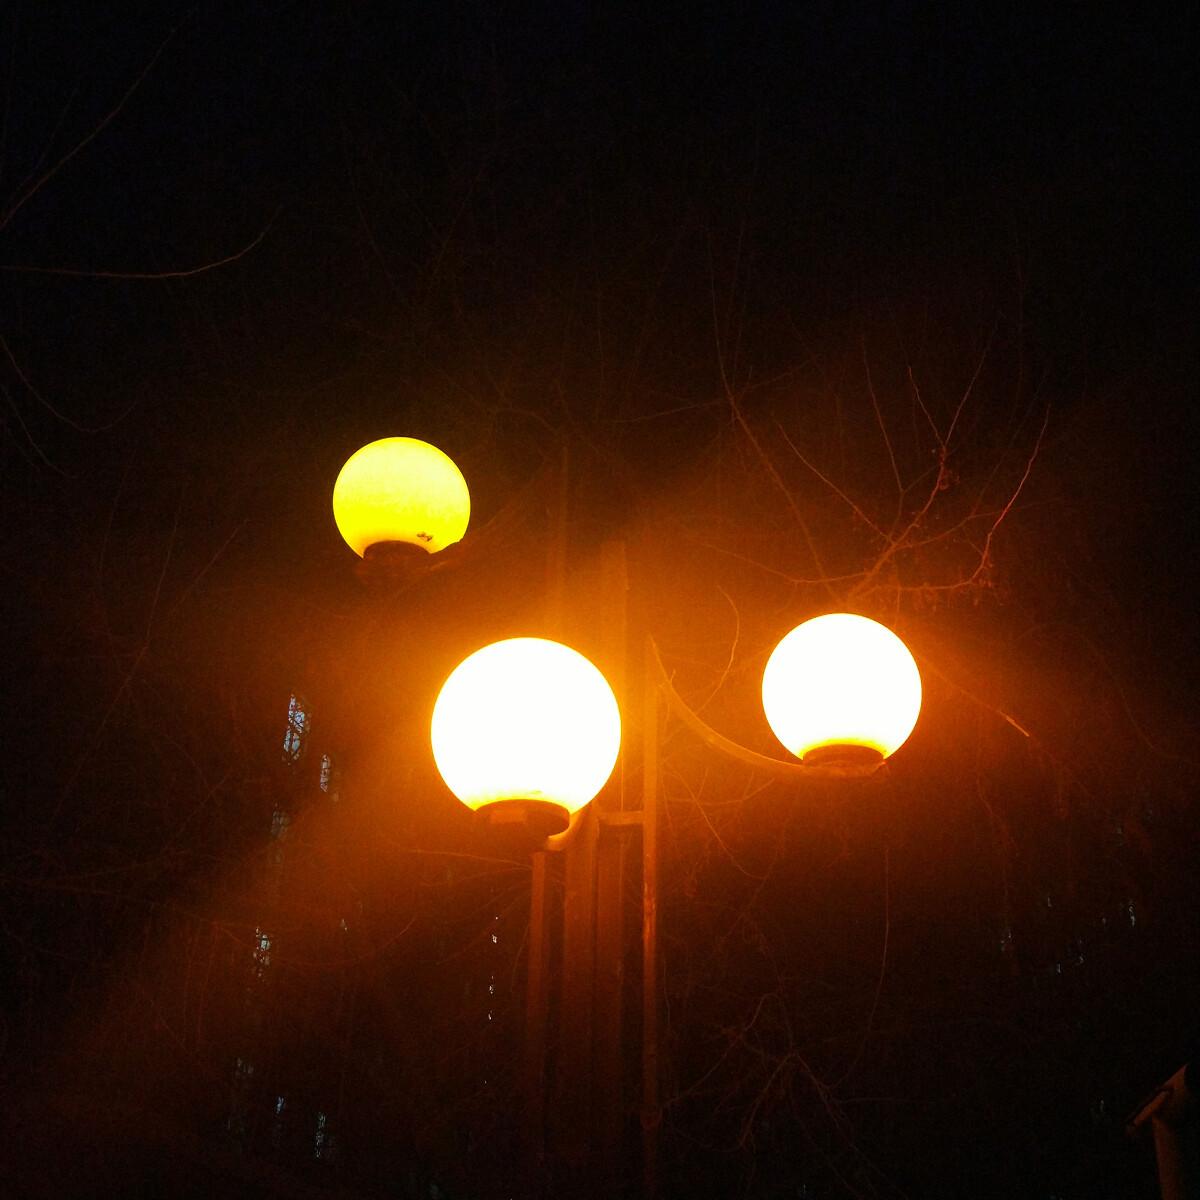 关于夜晚路灯句子-形容路灯的句子,夜晚路灯下的心情,